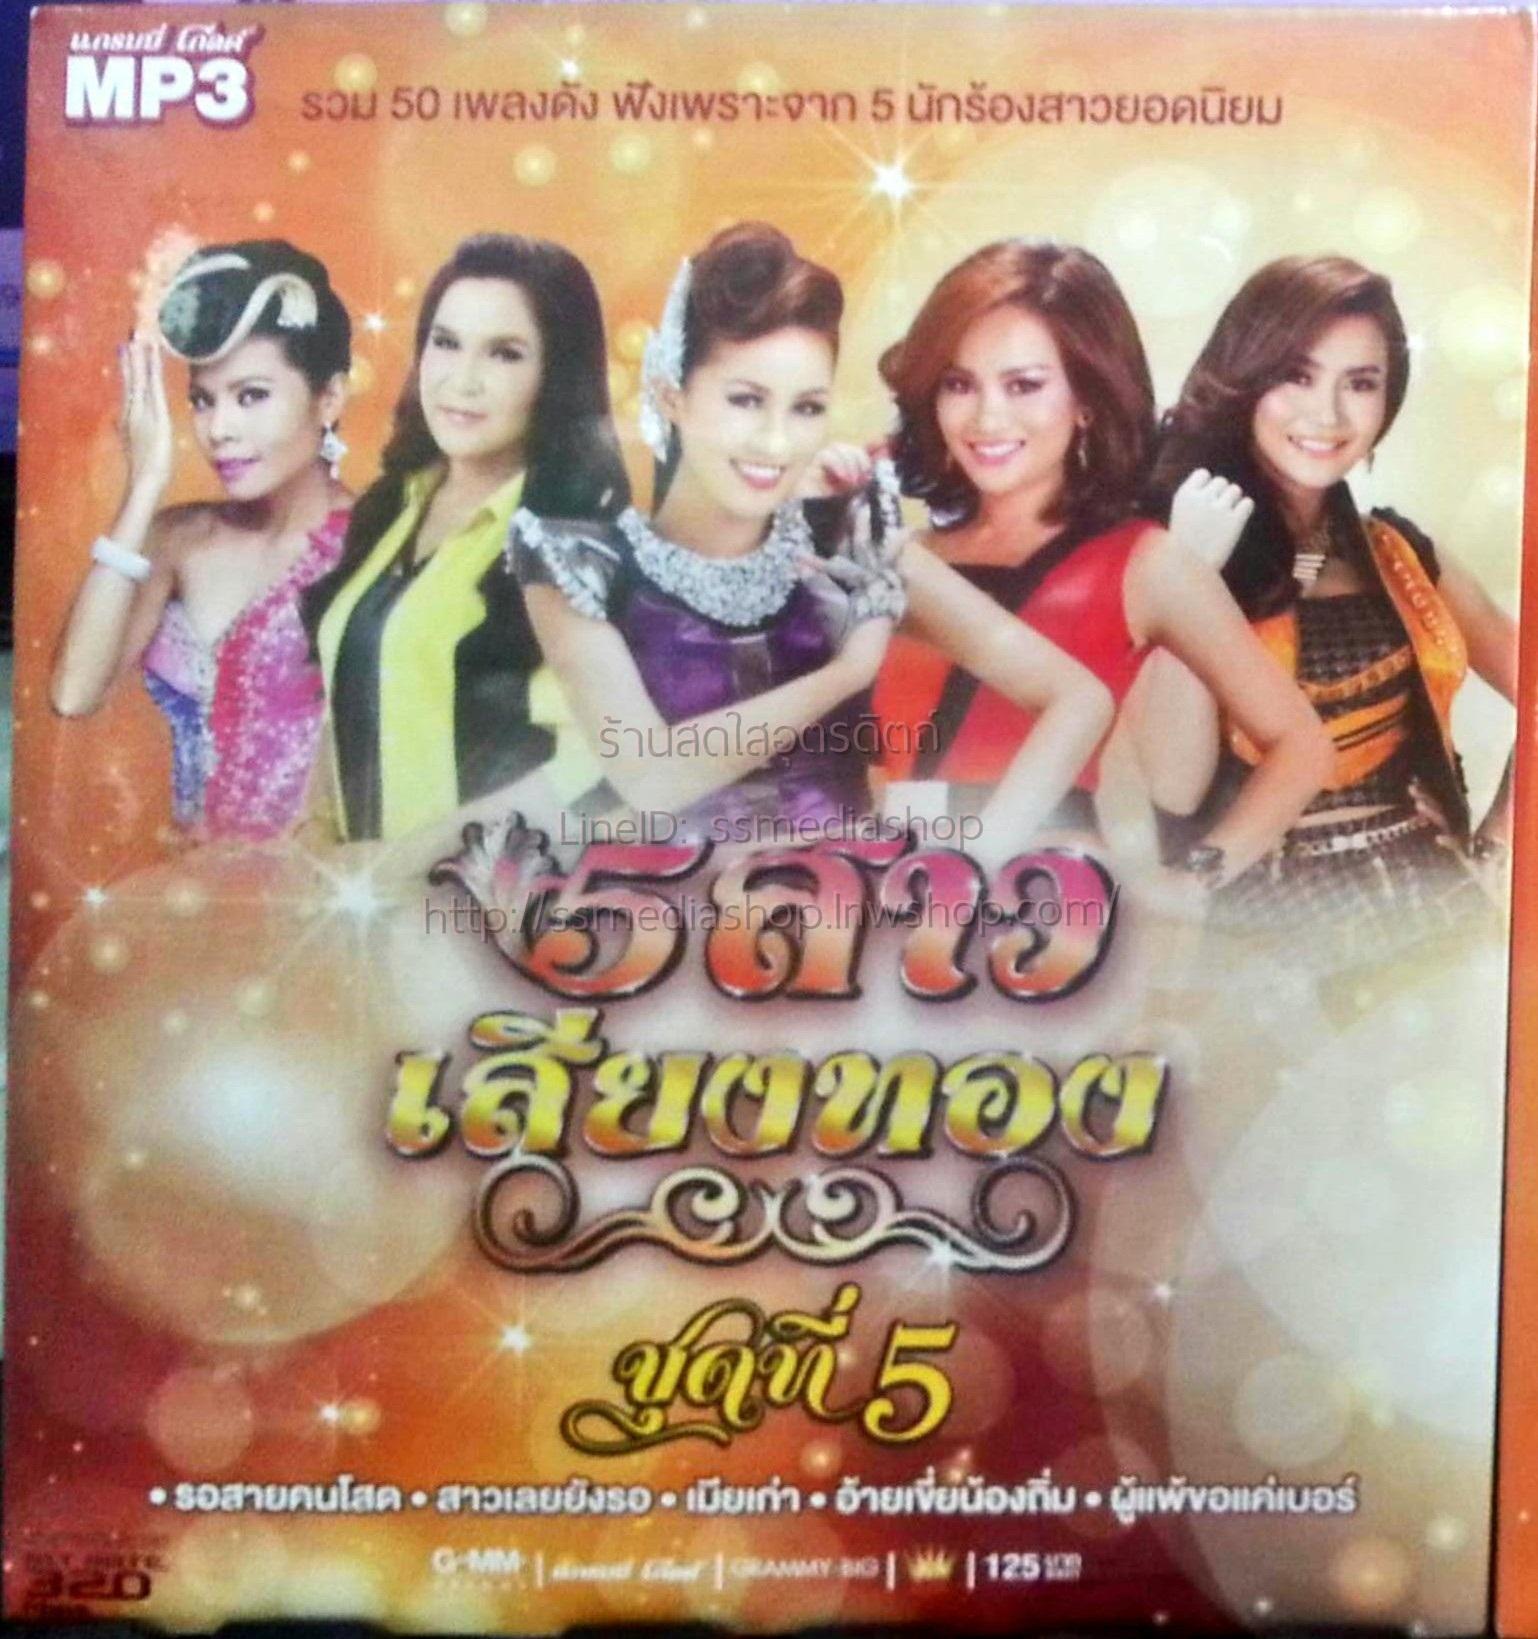 MP3 5สาวเสียงทอง ชุดที่5